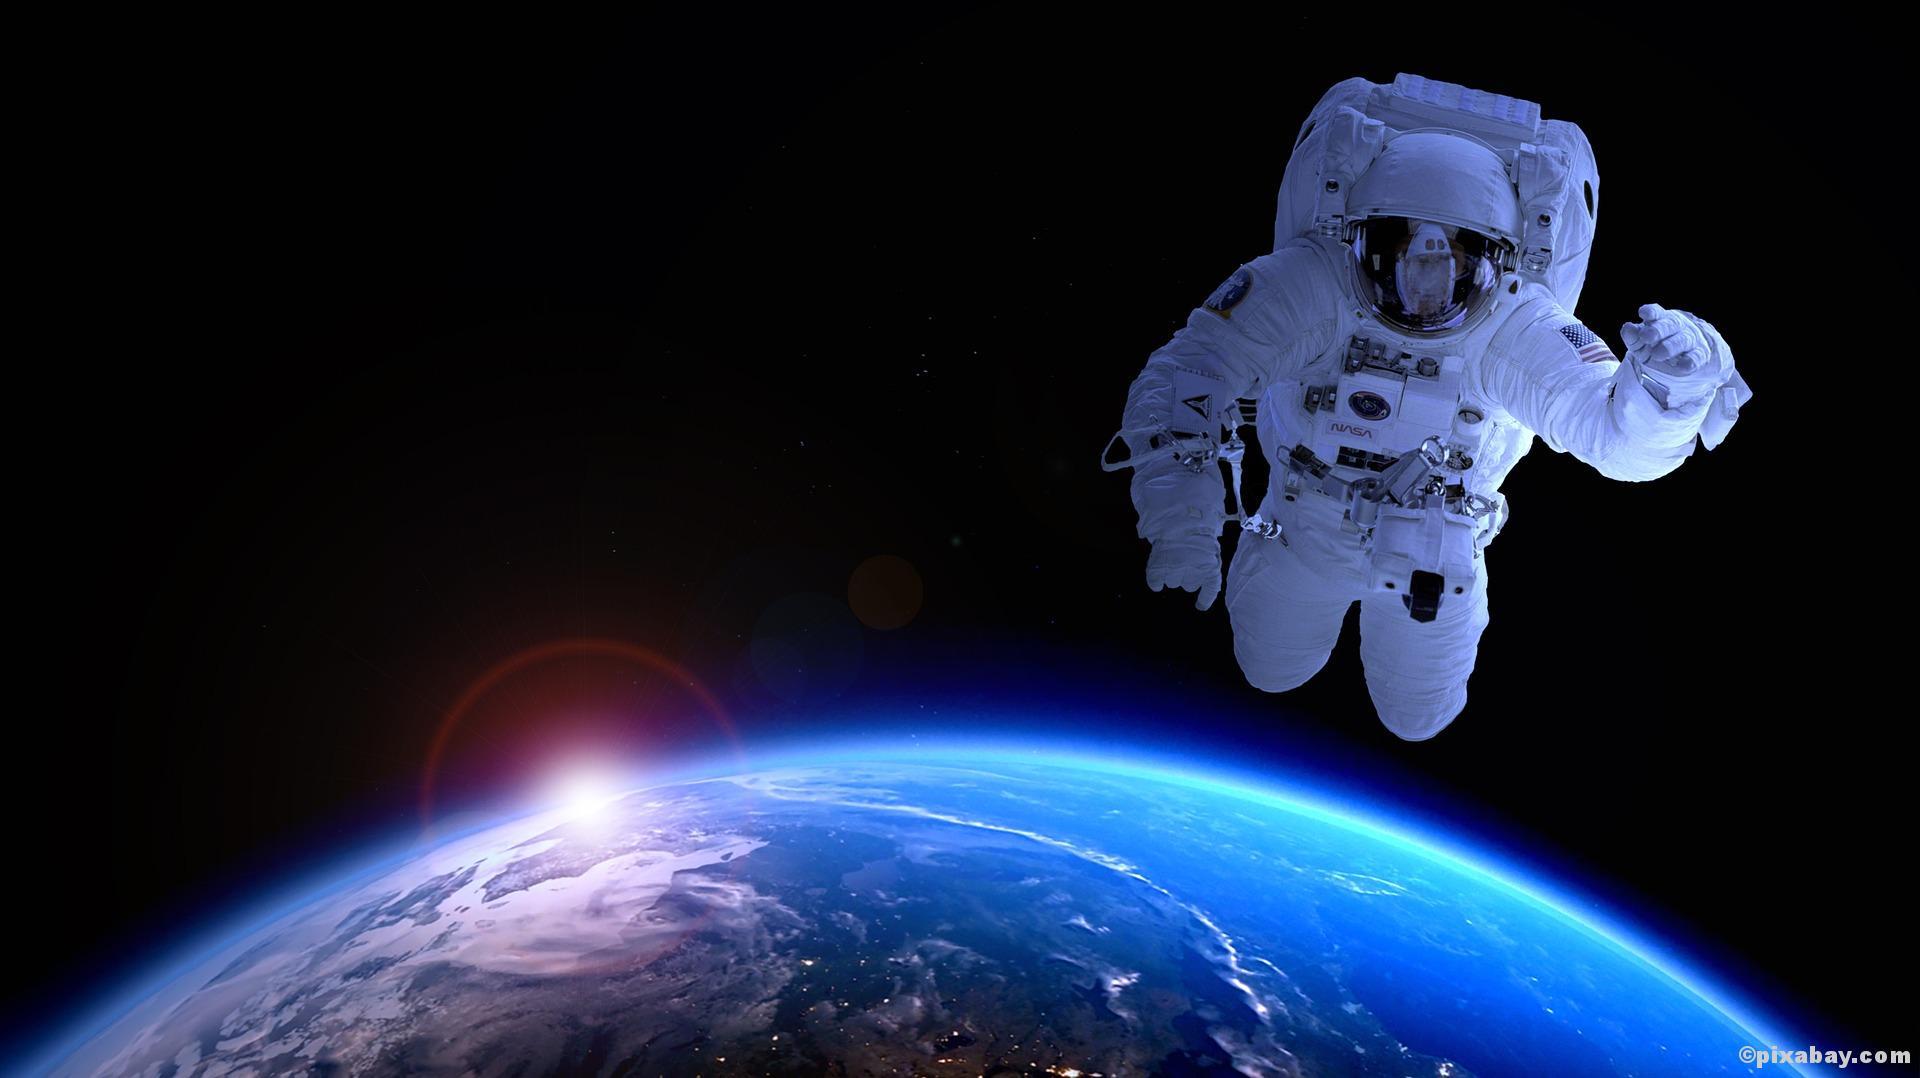 Wunderwerk Mensch! Wusstest du schon, dass ...Astronauten nach ihrer Rückkehr bis zu sieben Zentimeter gewachsen sind?